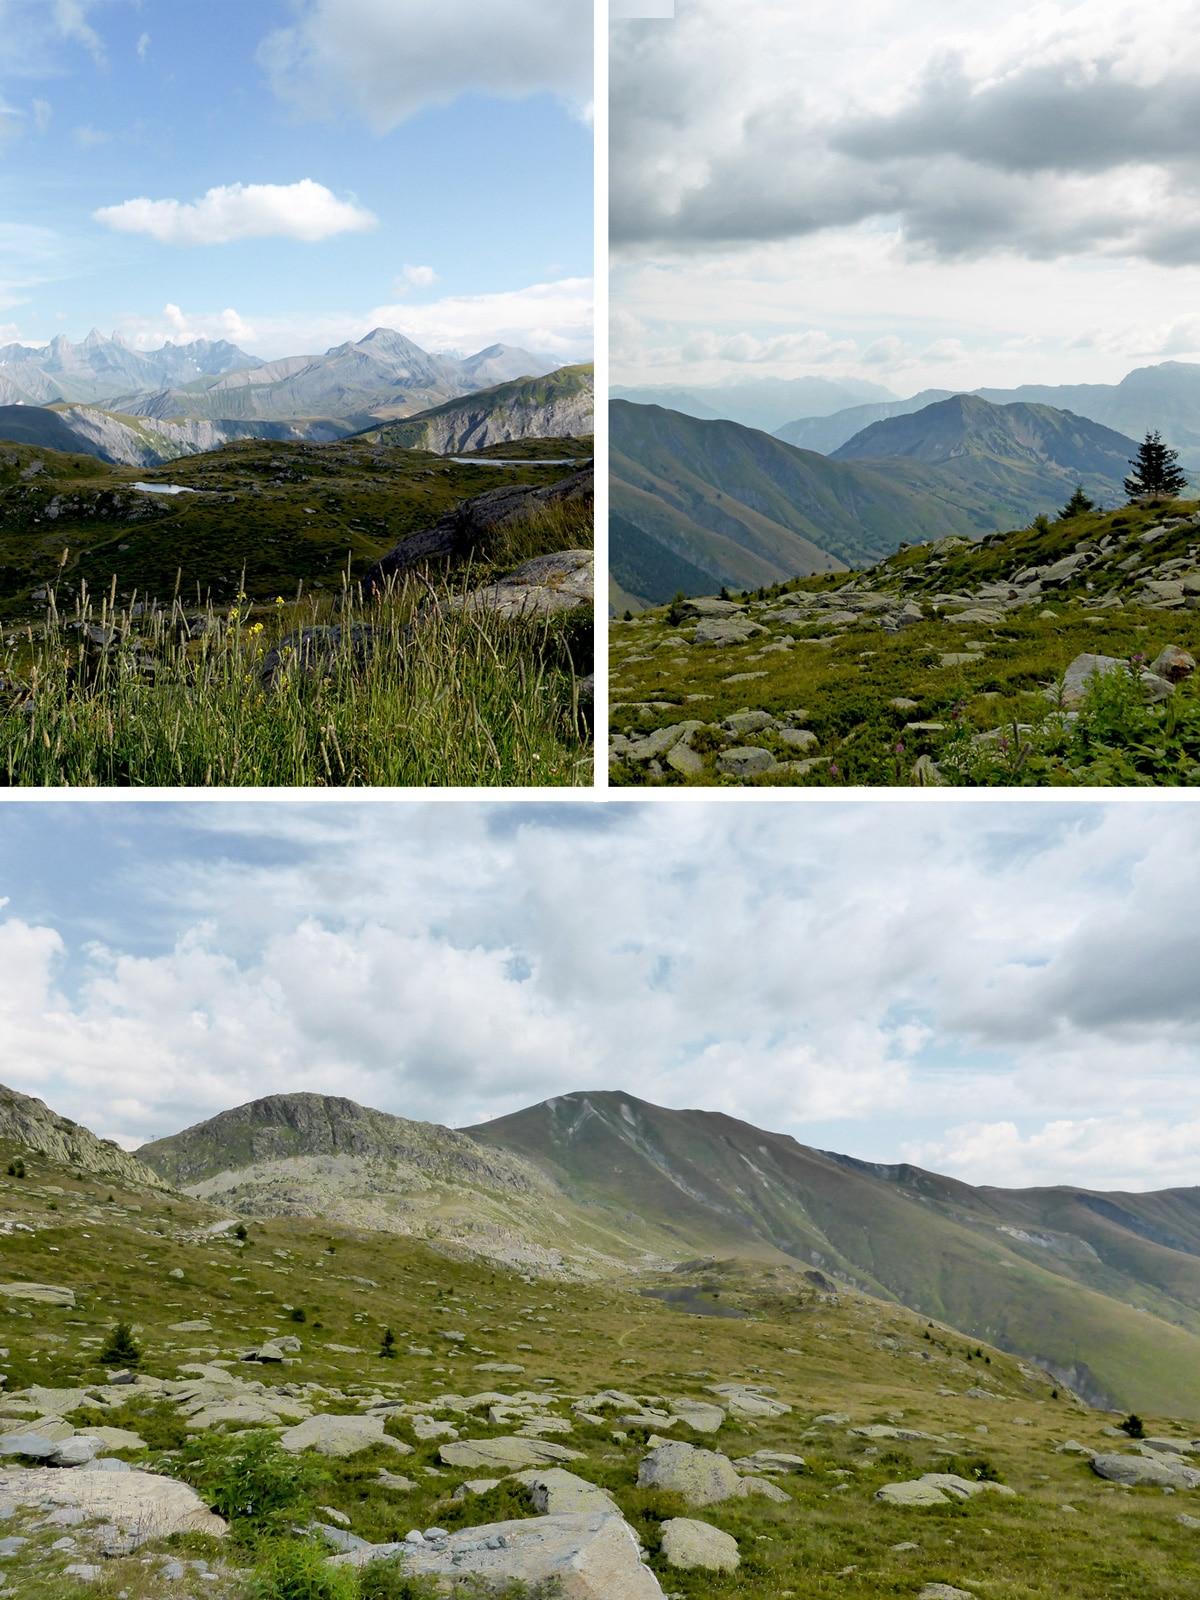 randonnee-lacs-glacier-saintsorlins-montee